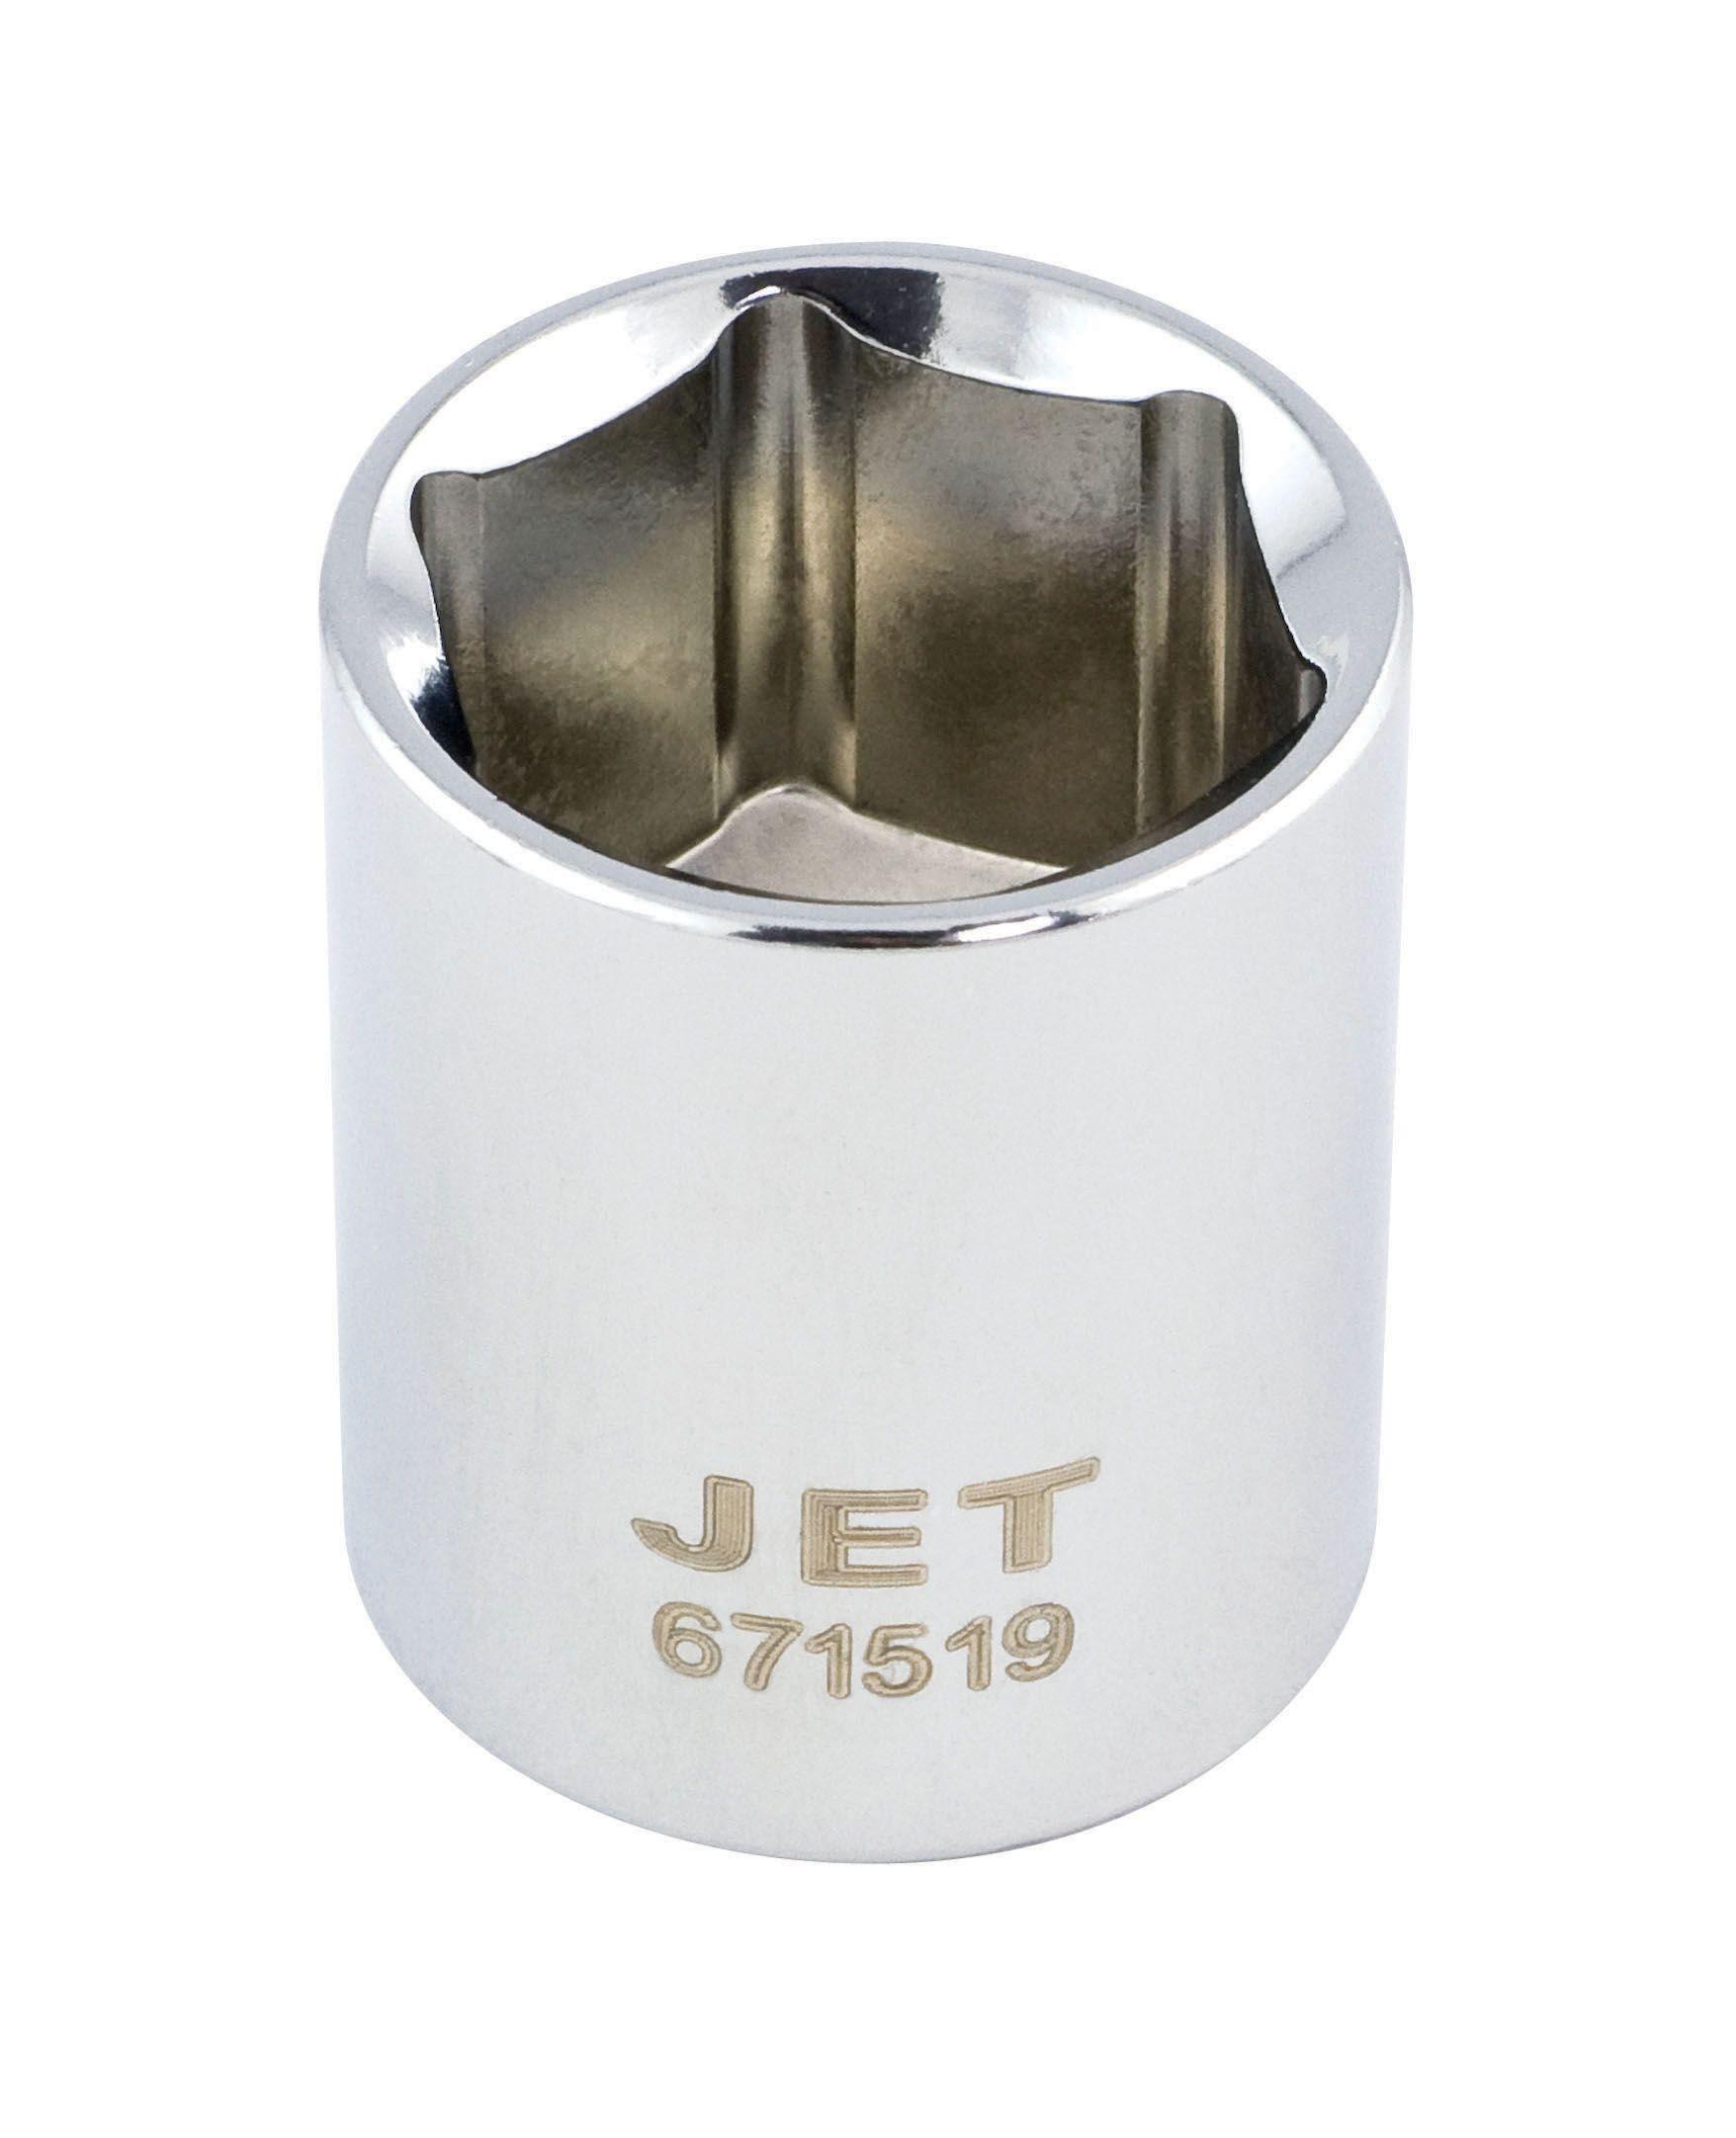 Jet 671511 Douille 11mm x 6 pans courte à prise 3/8